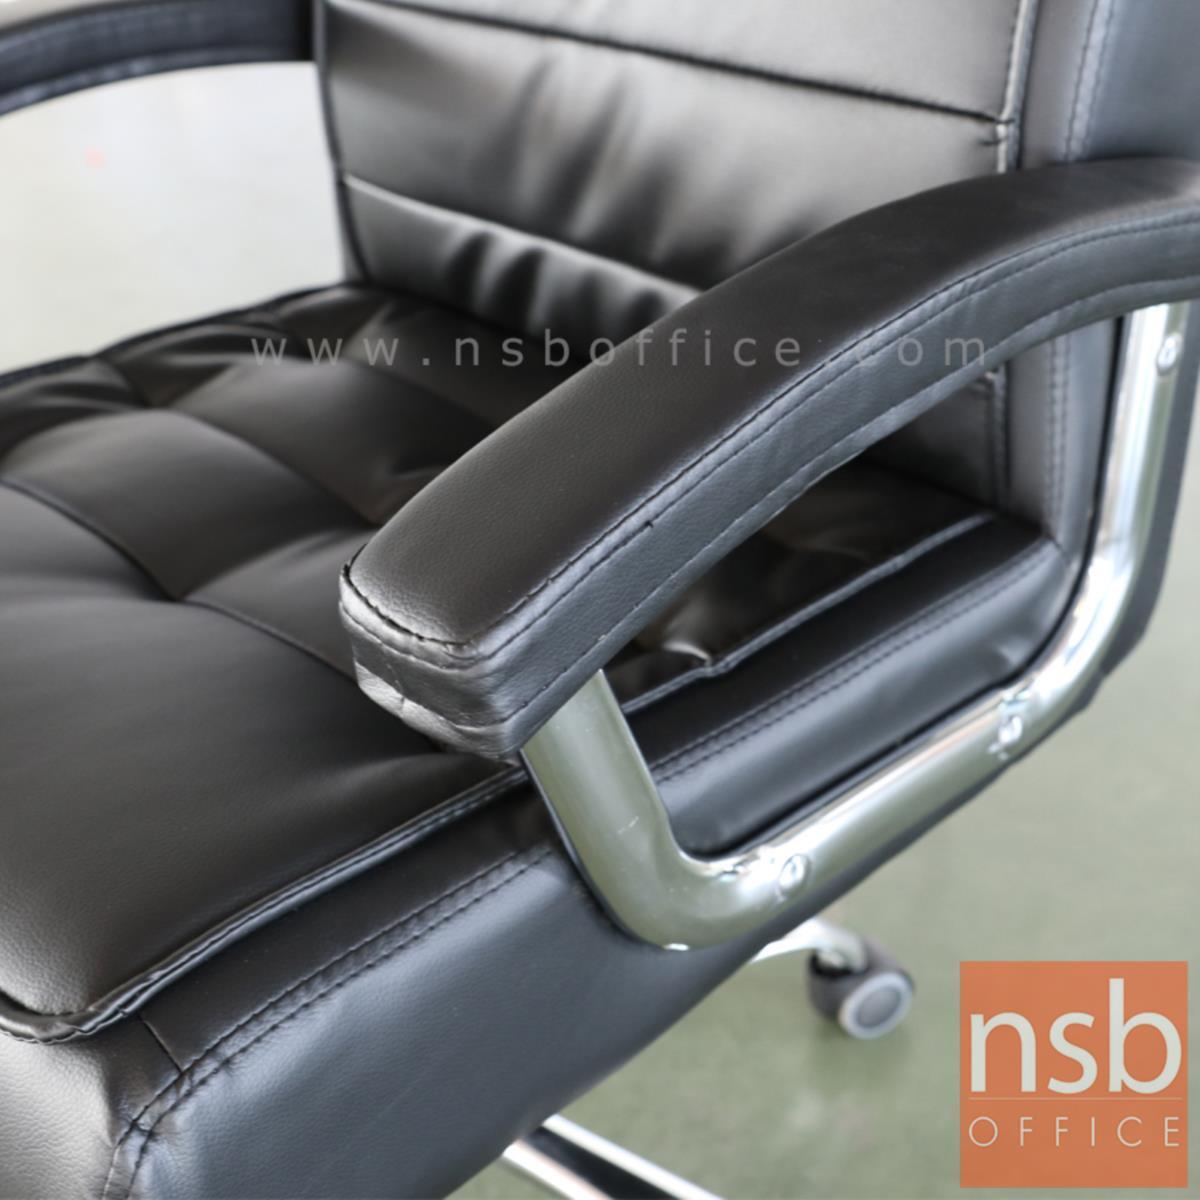 เก้าอี้ผู้บริหาร รุ่น Nicholas (นิโคลัส) ขาเหล็กชุบโครเมี่ยม